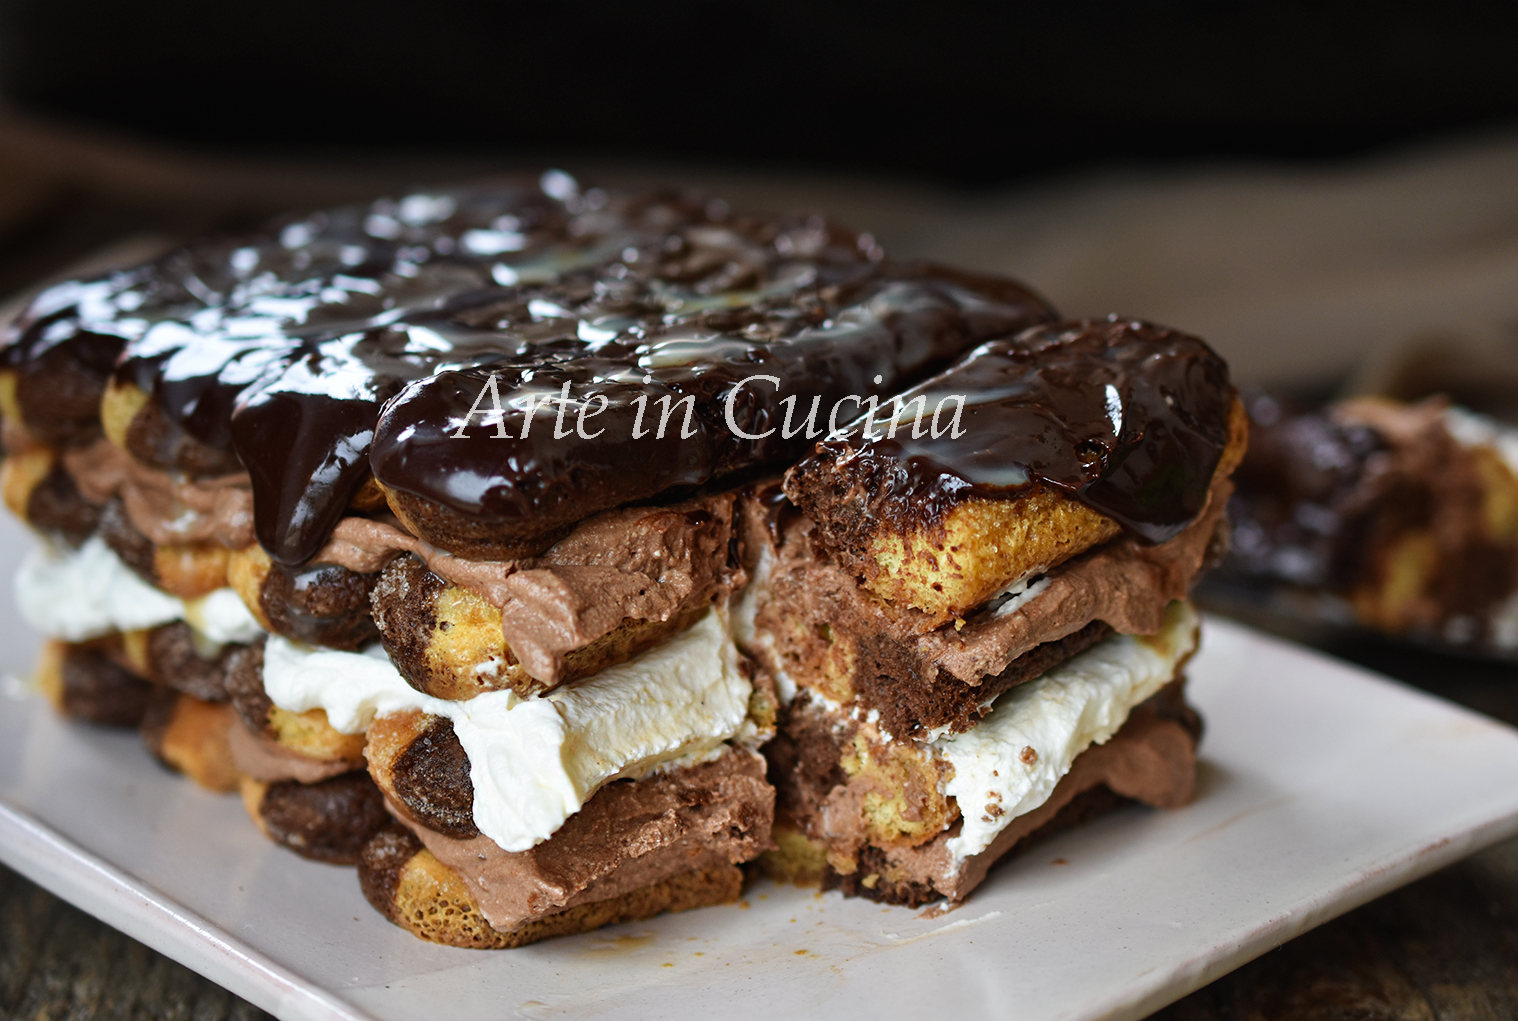 Tiramisù al doppio cioccolato ricetta dolce facile vickyart arte in cucina